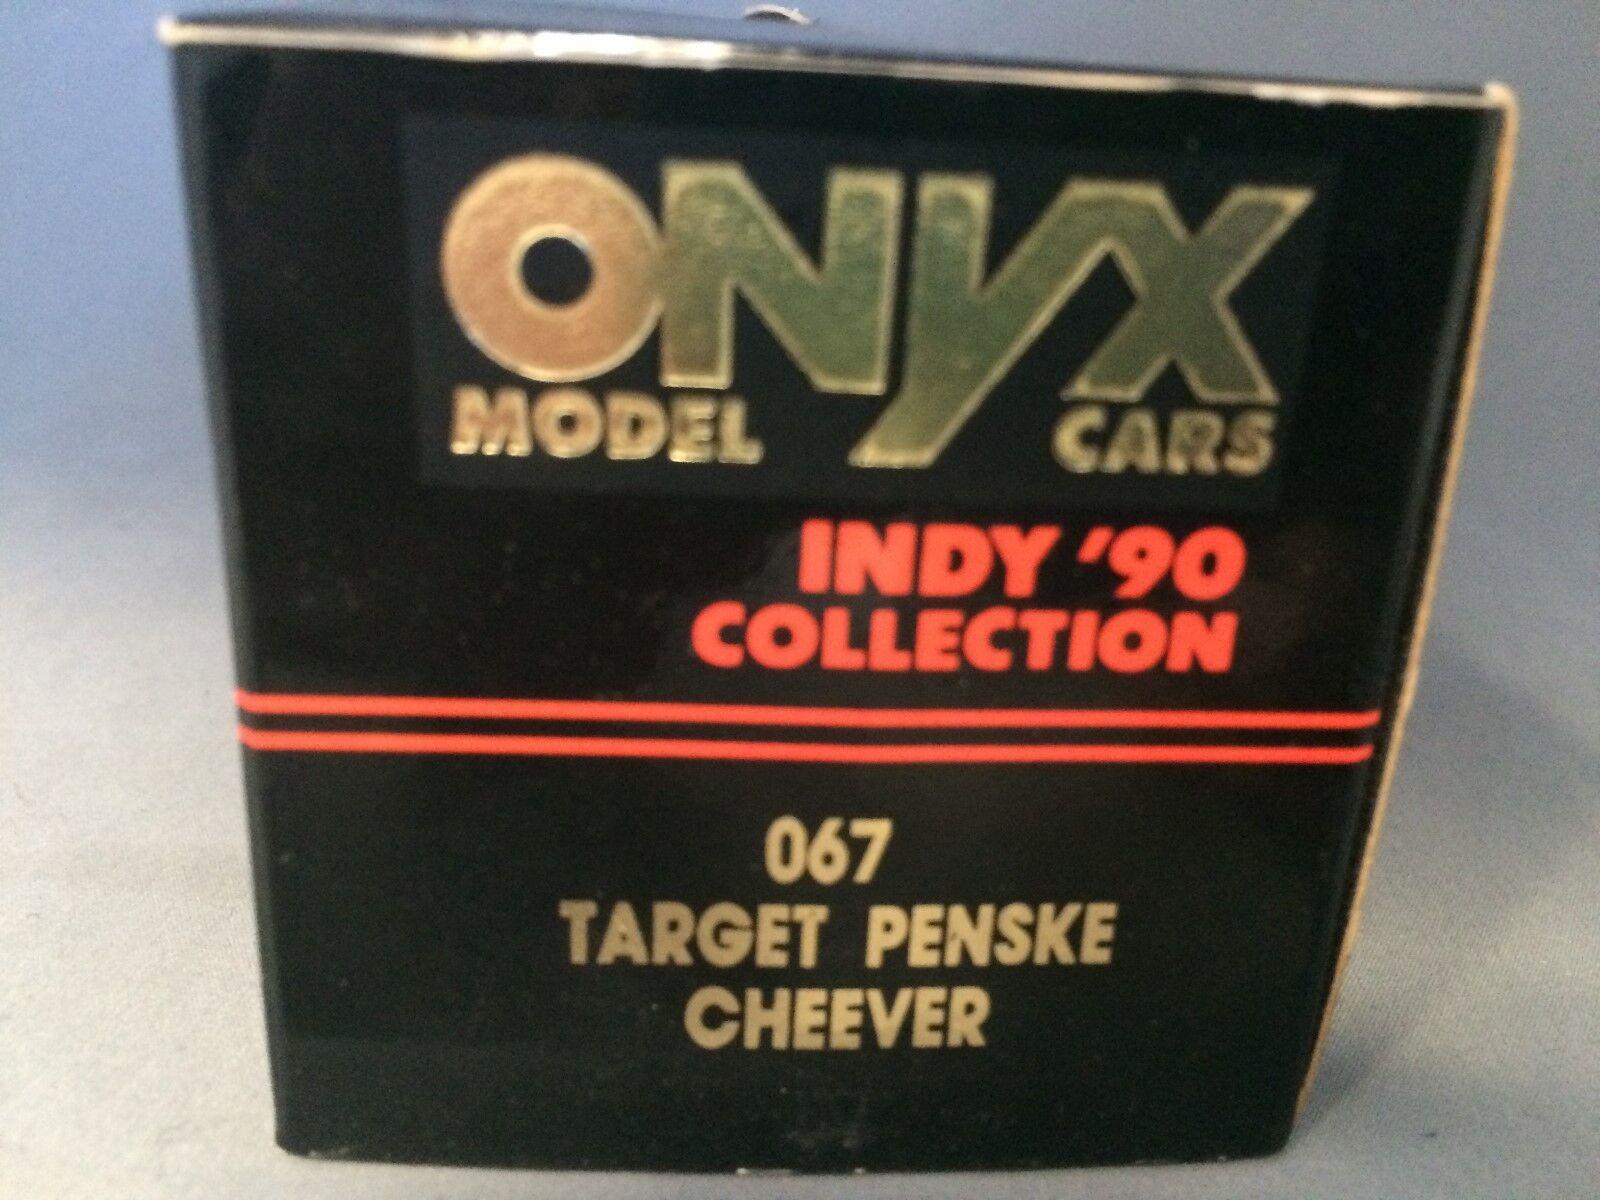 1 43 Onyx Indy 90 Collection Target Penske Eddie Eddie Eddie Cheever aa656b